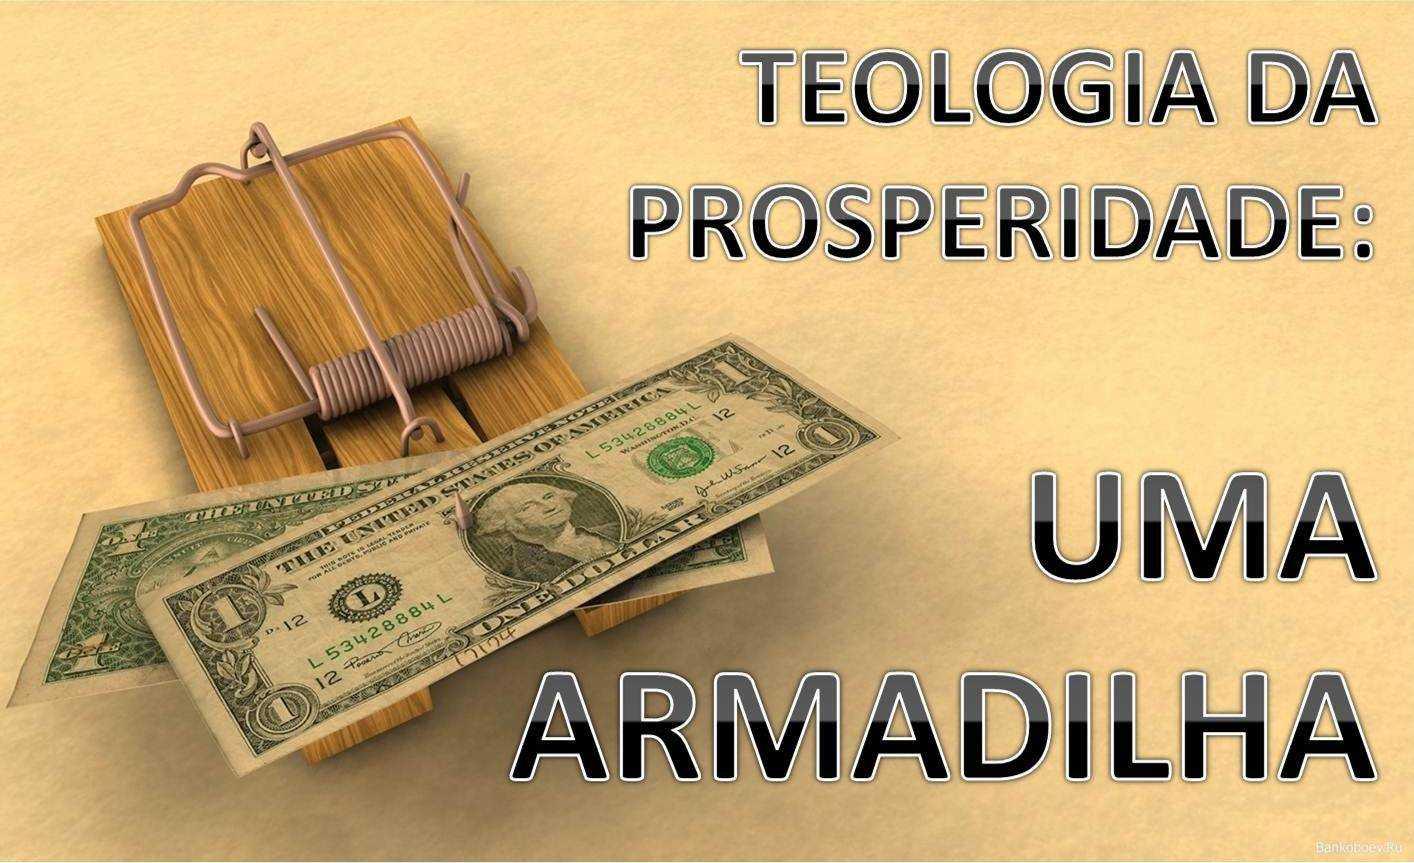 Resultado de imagem para teologia da prosperidade